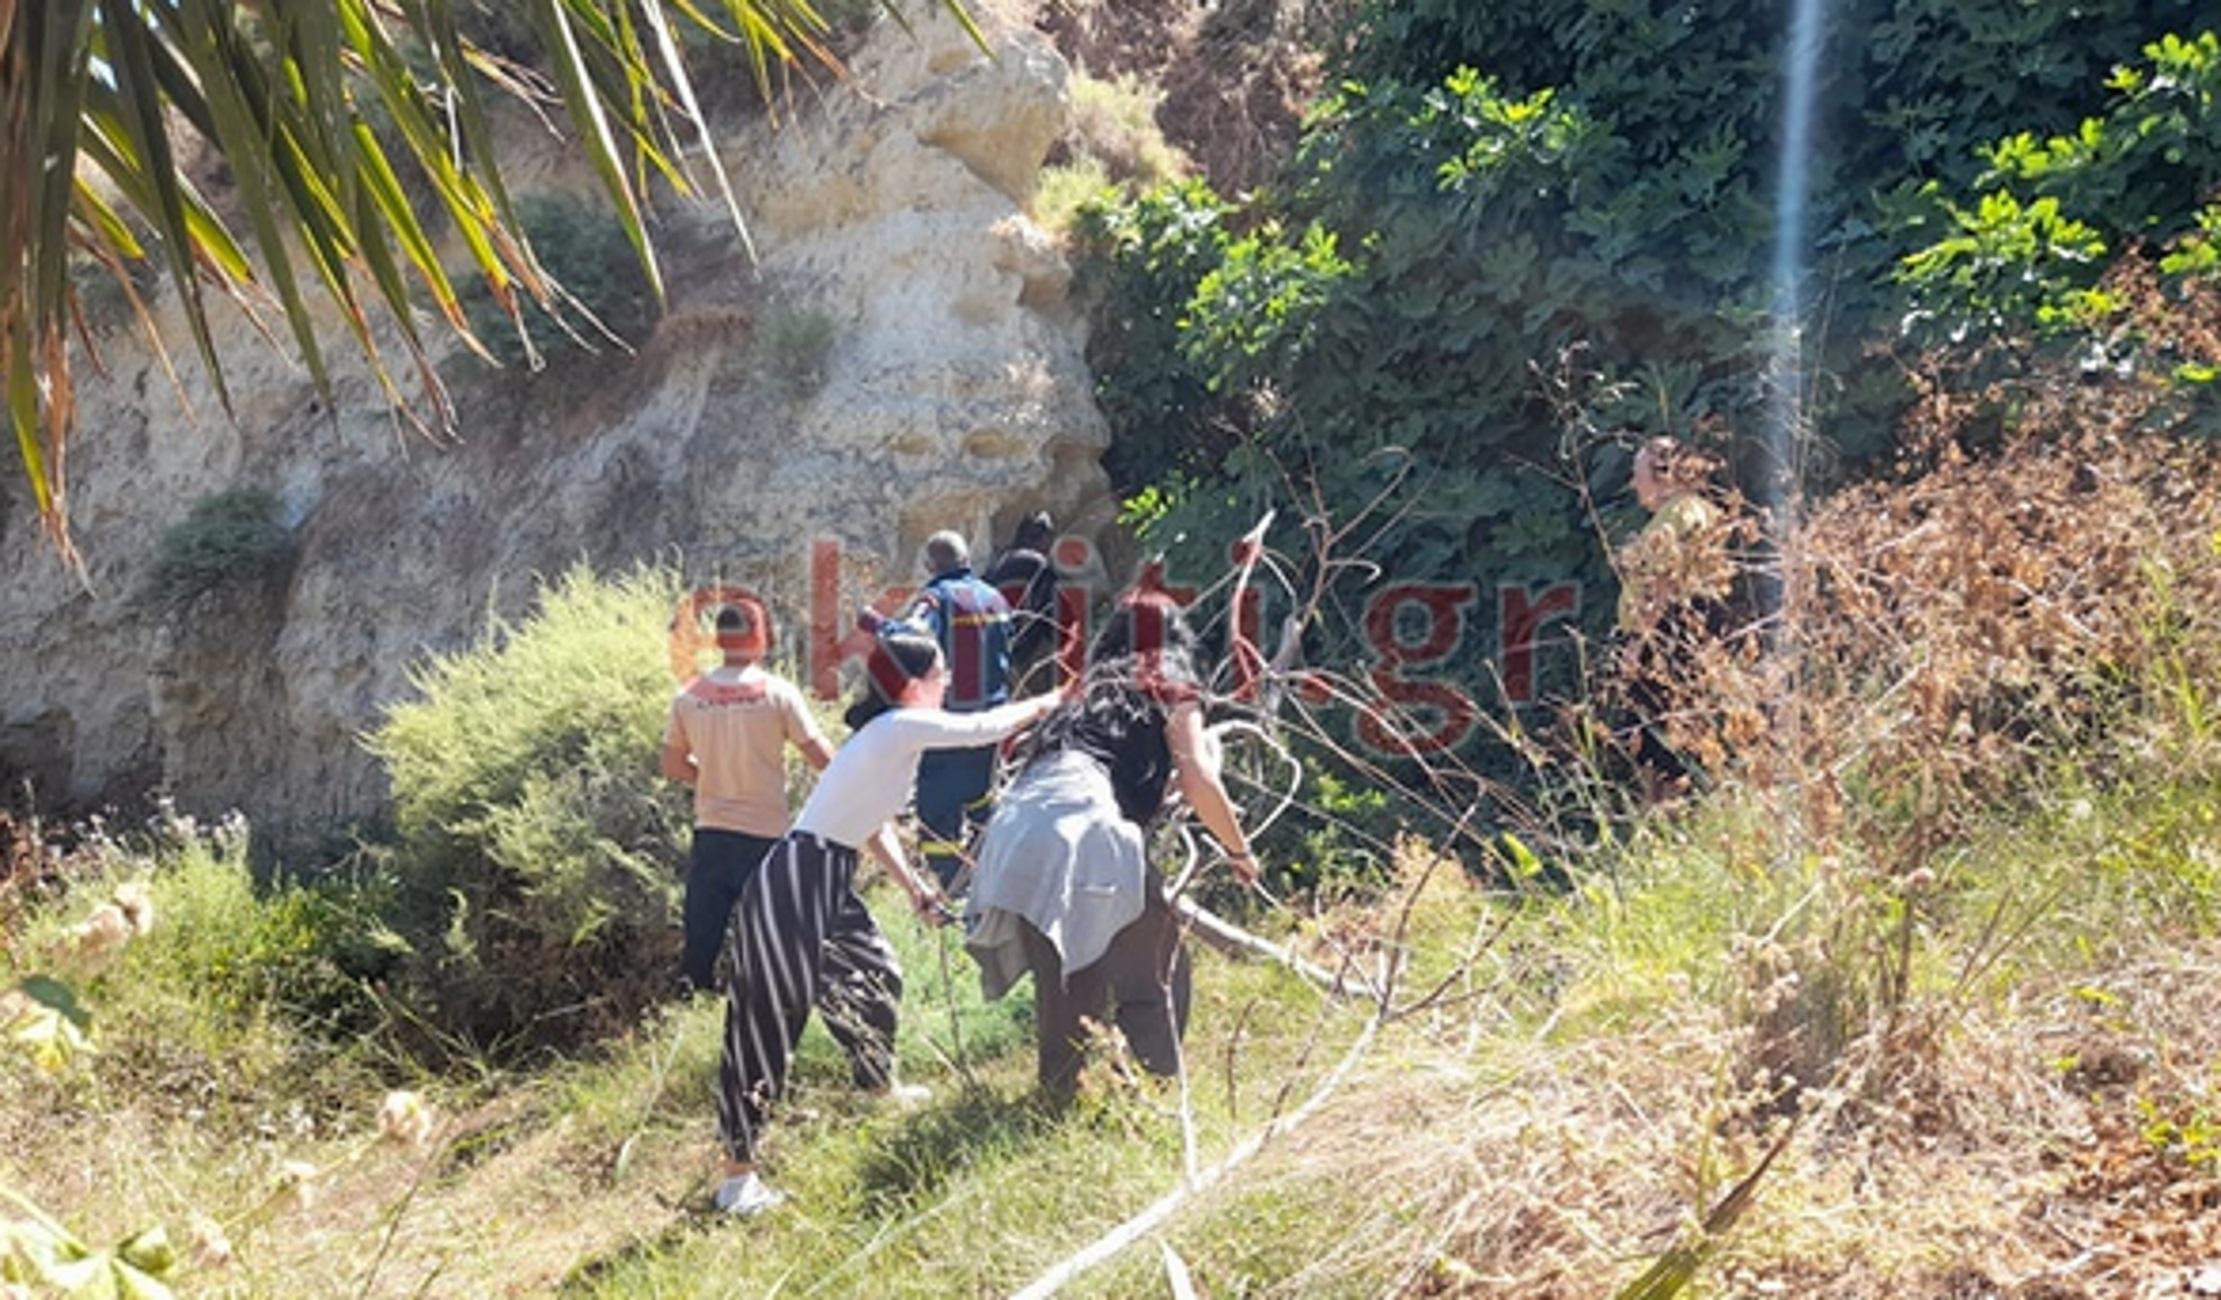 Ηράκλειο: Στην κάμερα η δραματική επιχείρηση διάσωσης άντρα που έπεσε σε γκρεμό